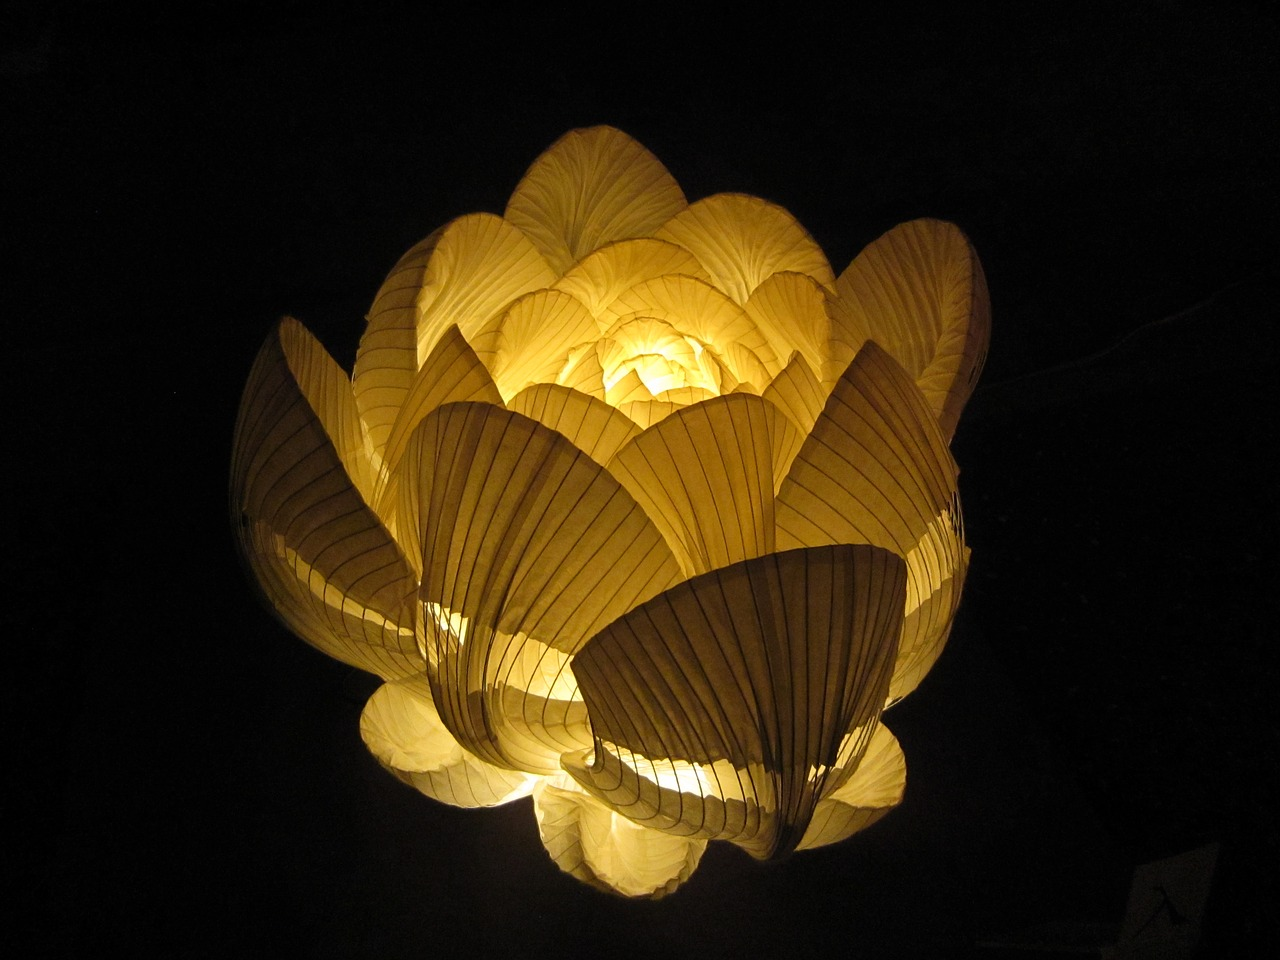 Lampadario Carta Di Riso : Lampade di carta arredare con le luci in stile giapponese